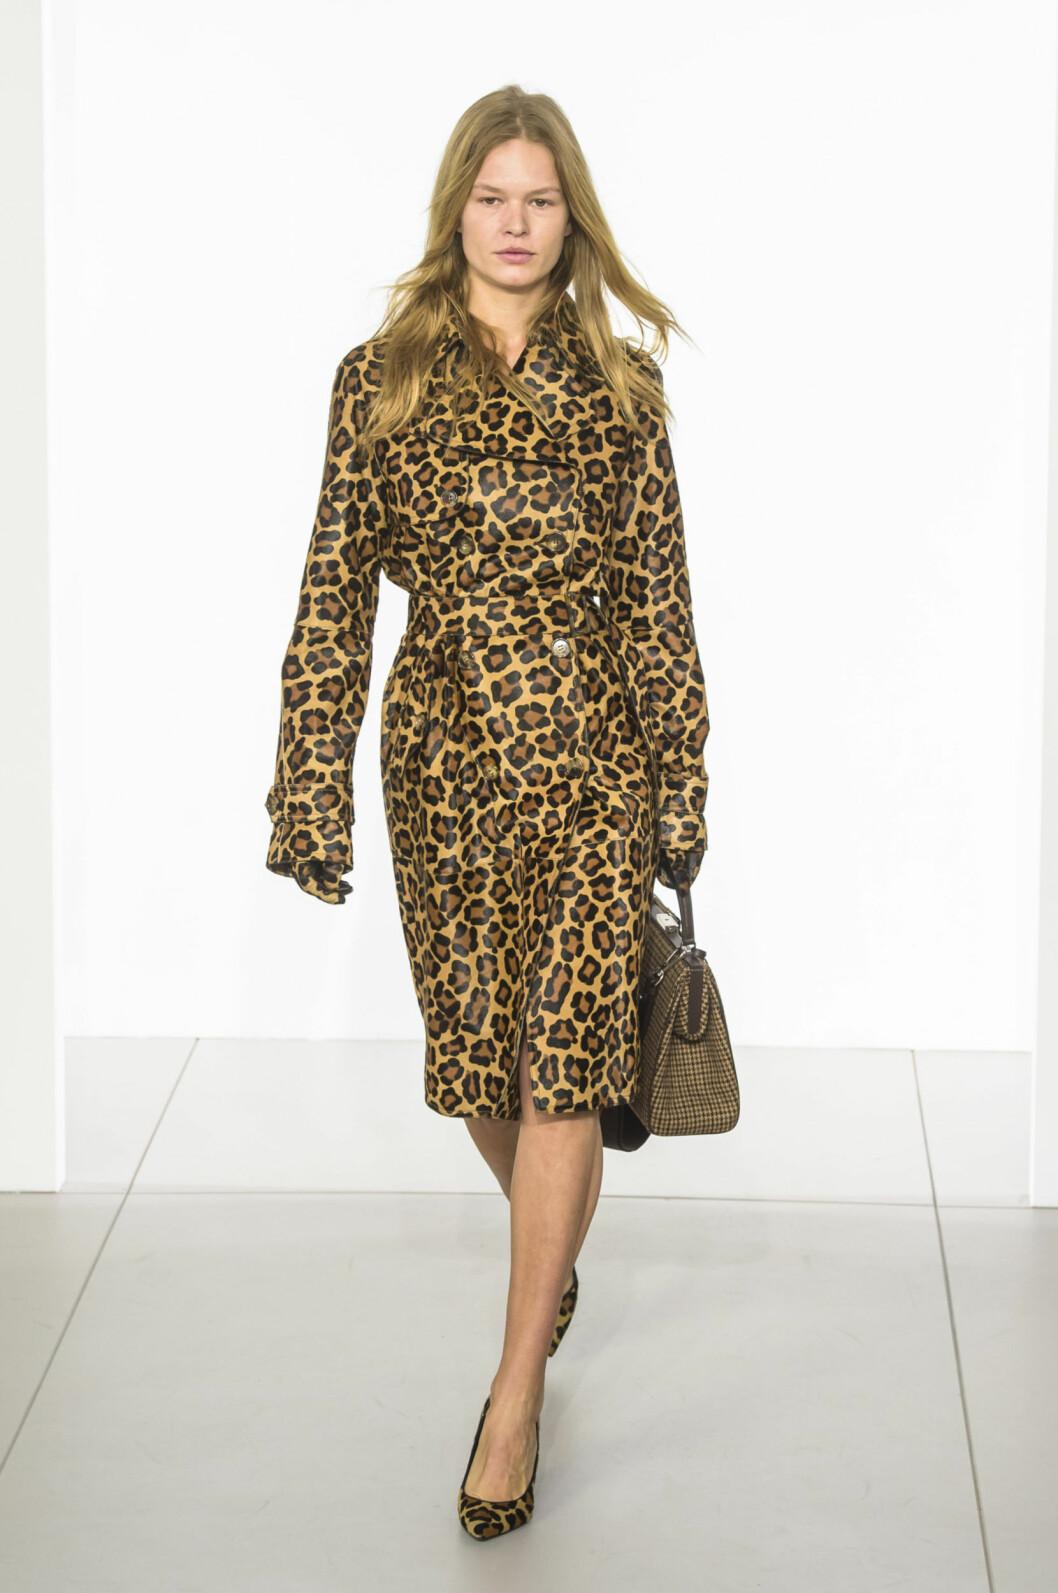 Leopard på basplagg är en het trend och ett perfekt mönster som piggar upp en vanlig baslook.